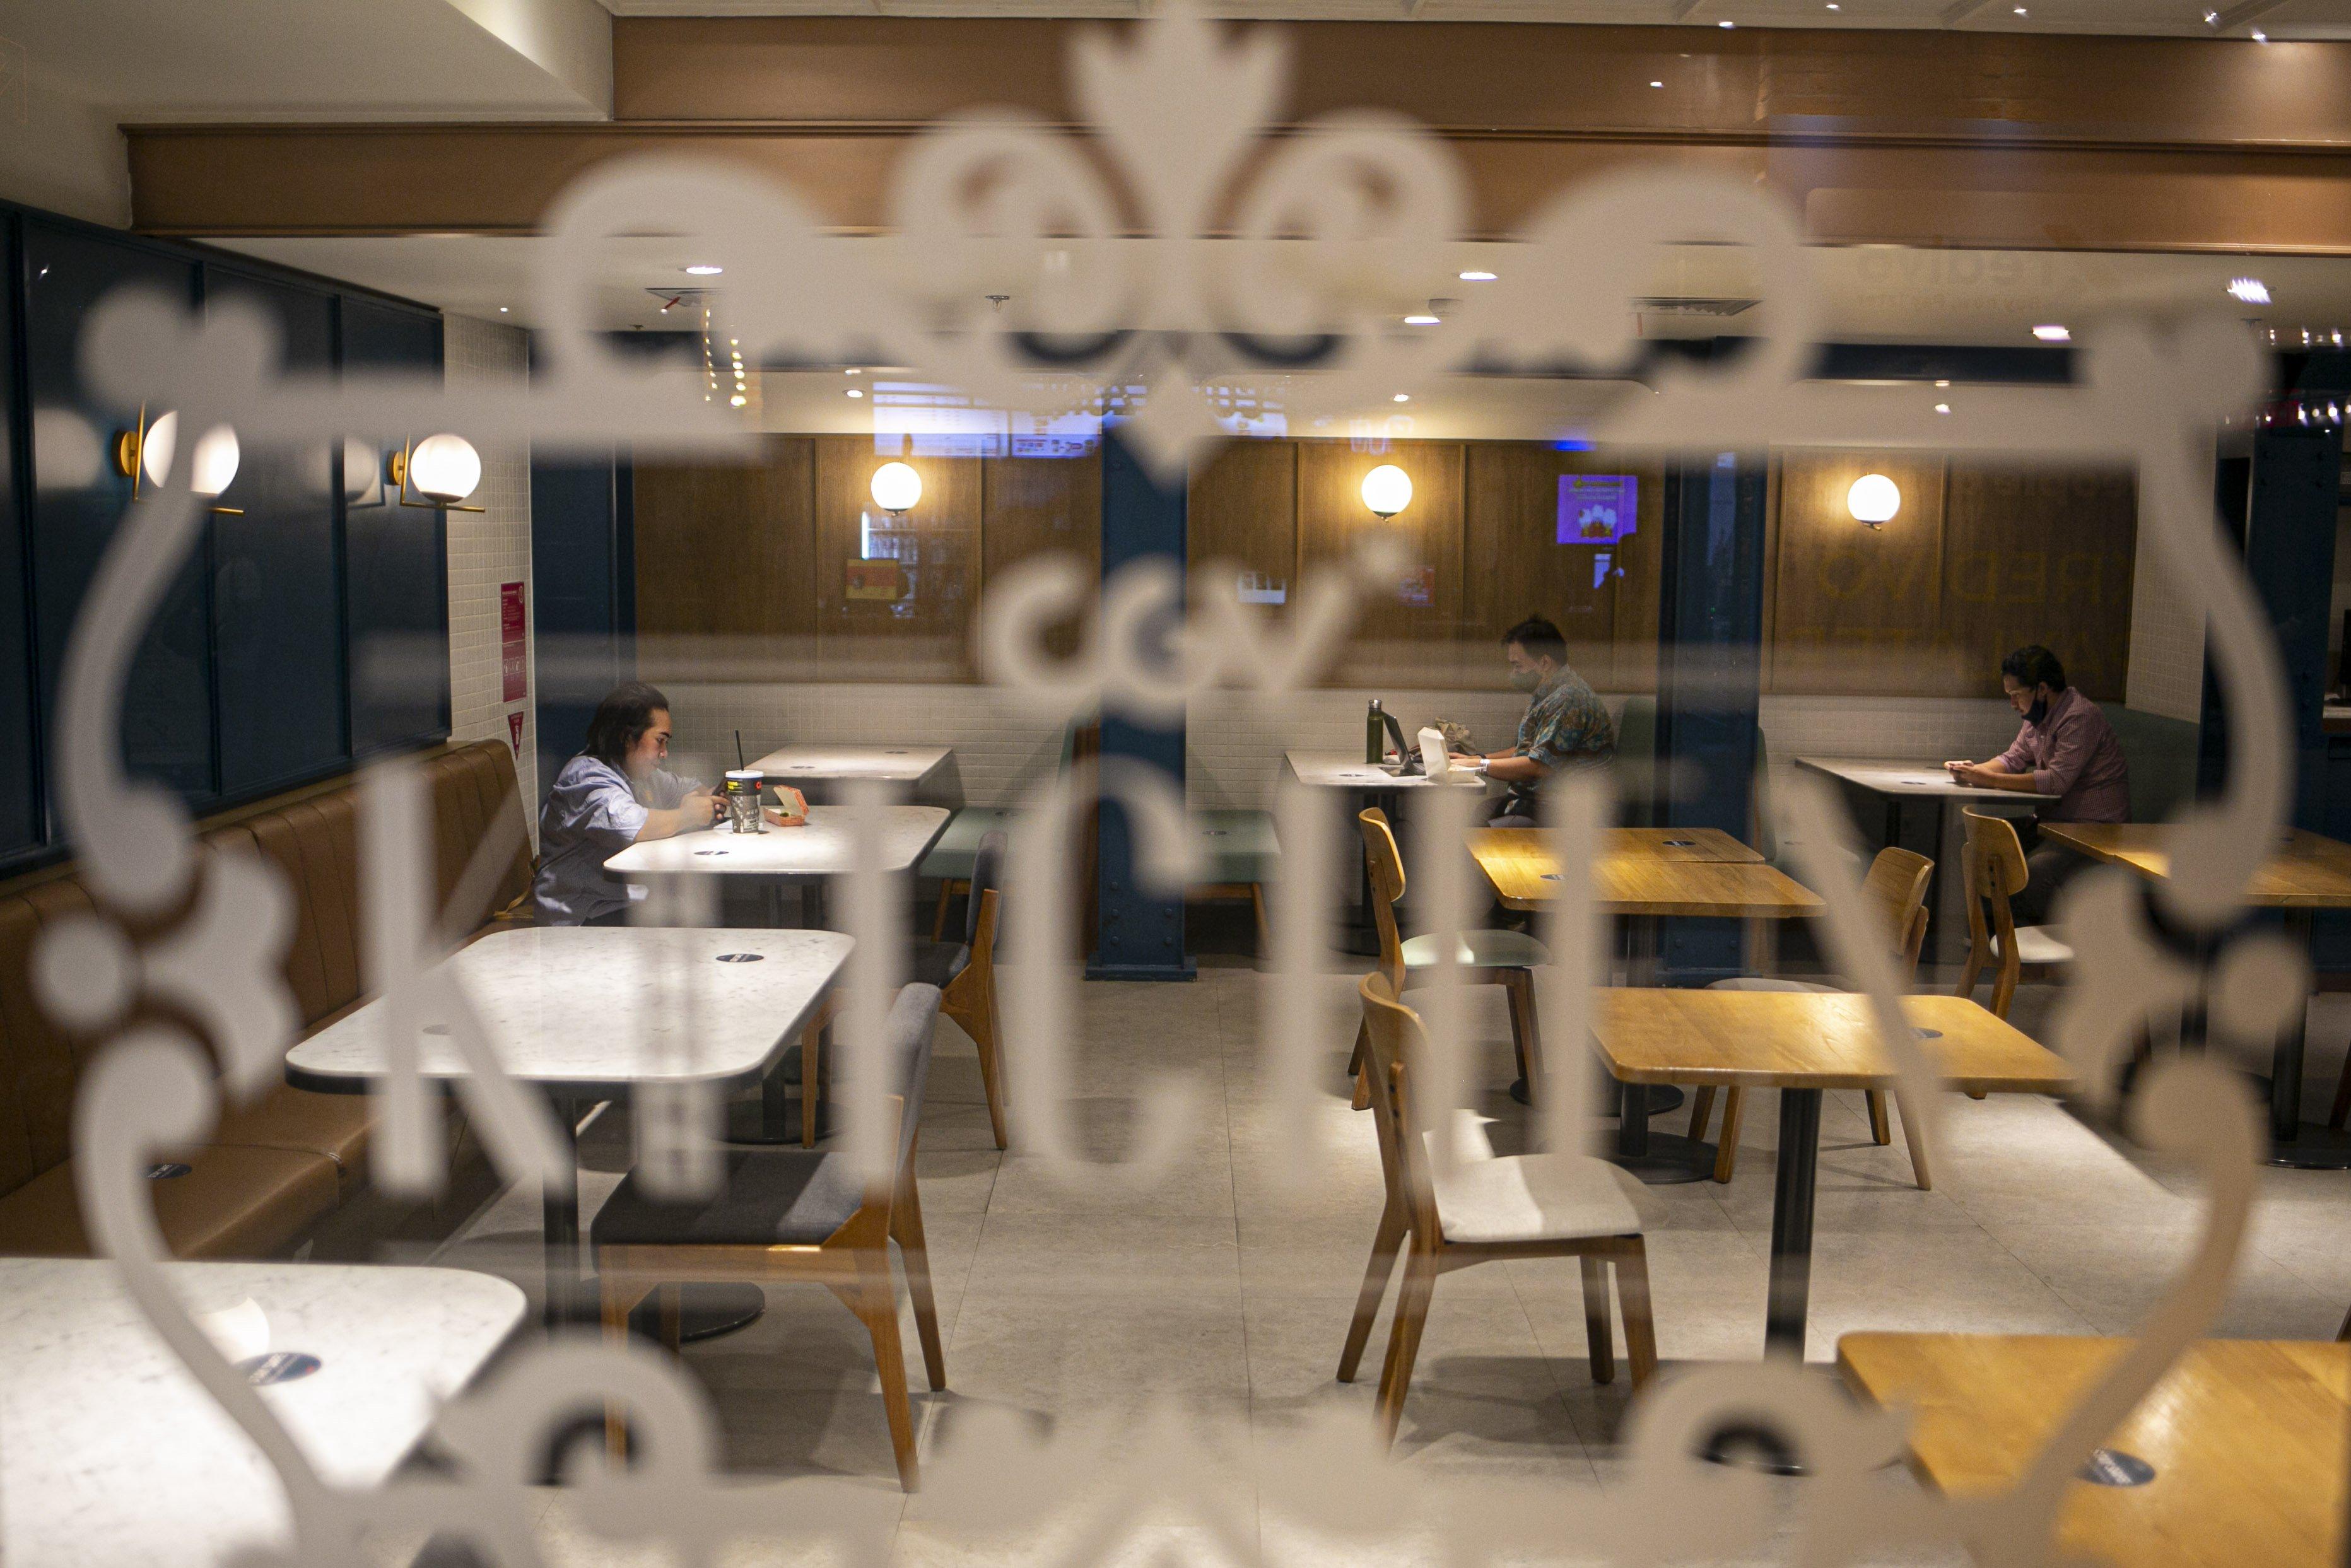 Pengunjung beraktivitas di restoran kawasan bioskop CGV Grand Indonesia Jakarta Pusat, Rabu, (21/10/2020). Sejumlah bioskop di Ibu Kota kembali beroperasi per hari Rabu (21/10/2020) setelah mendapatkan izin dari Pemprov DKI Jakarta dengan jumlah penonton dibatasi maksimal 25 persen dari total kapasitas. Pihak bioskop menerapkan protokol kesehatan yang ketat dan tidak memperkenankan pengunjung untuk makan di dalam ruang bioskop.